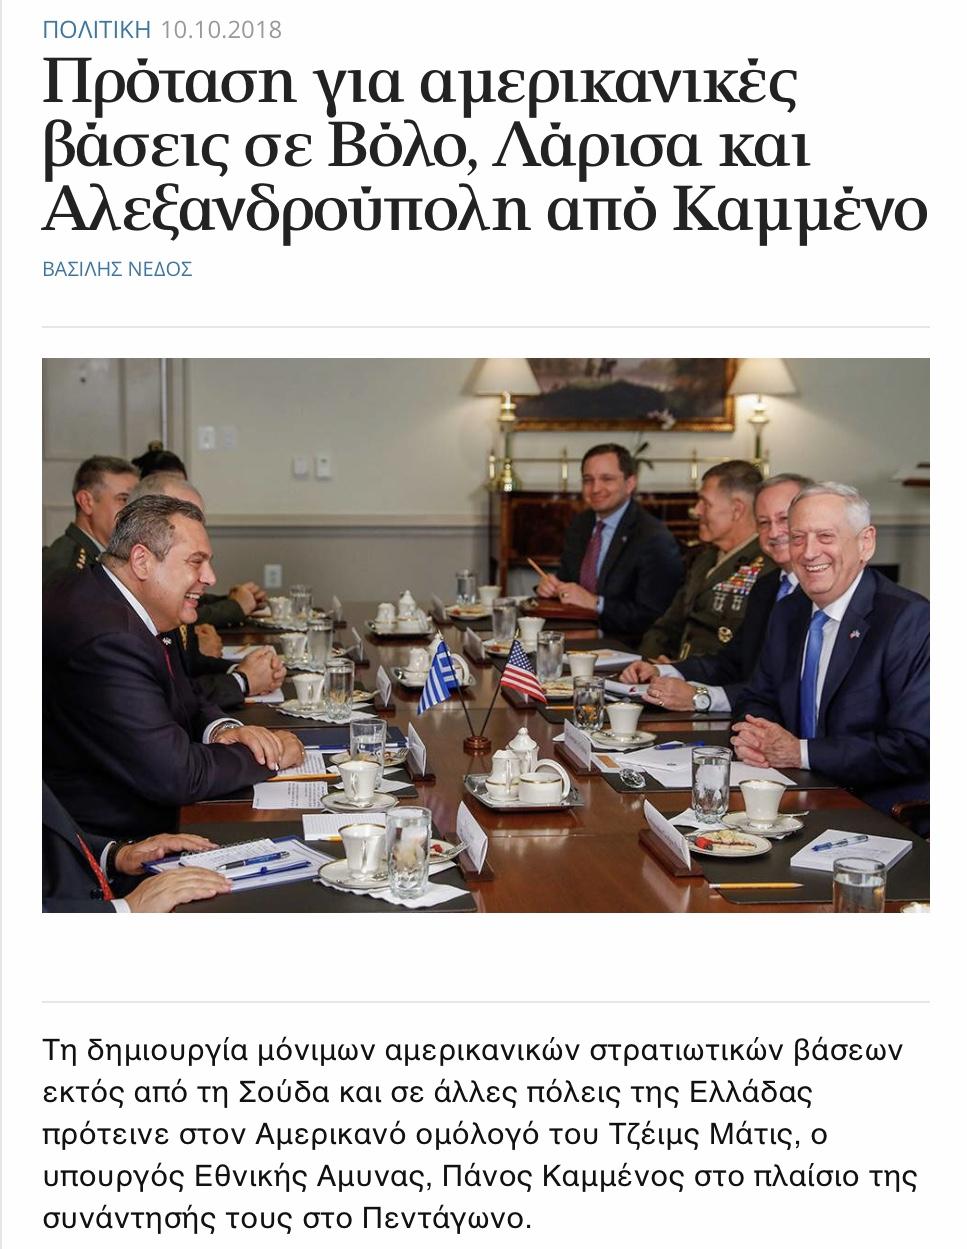 Η μεγάλη δικαίωση του Πάνου Καμμένου και των επιλογών του στις αμυντικές συνεργασίες της χώρας.